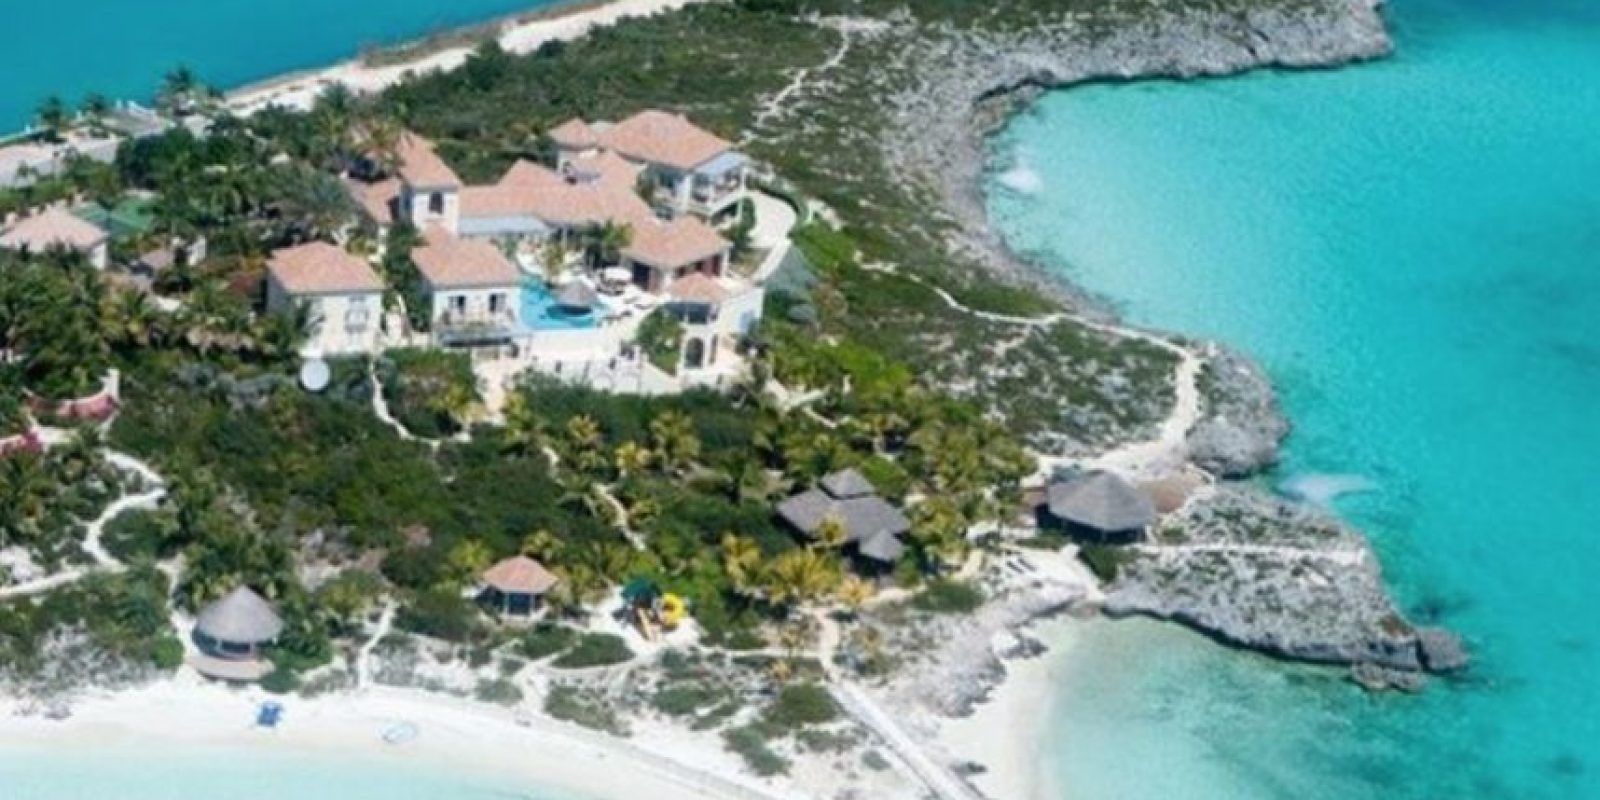 Así es la mansión de Prince que tiene 10 habitaciones Foto:suntci